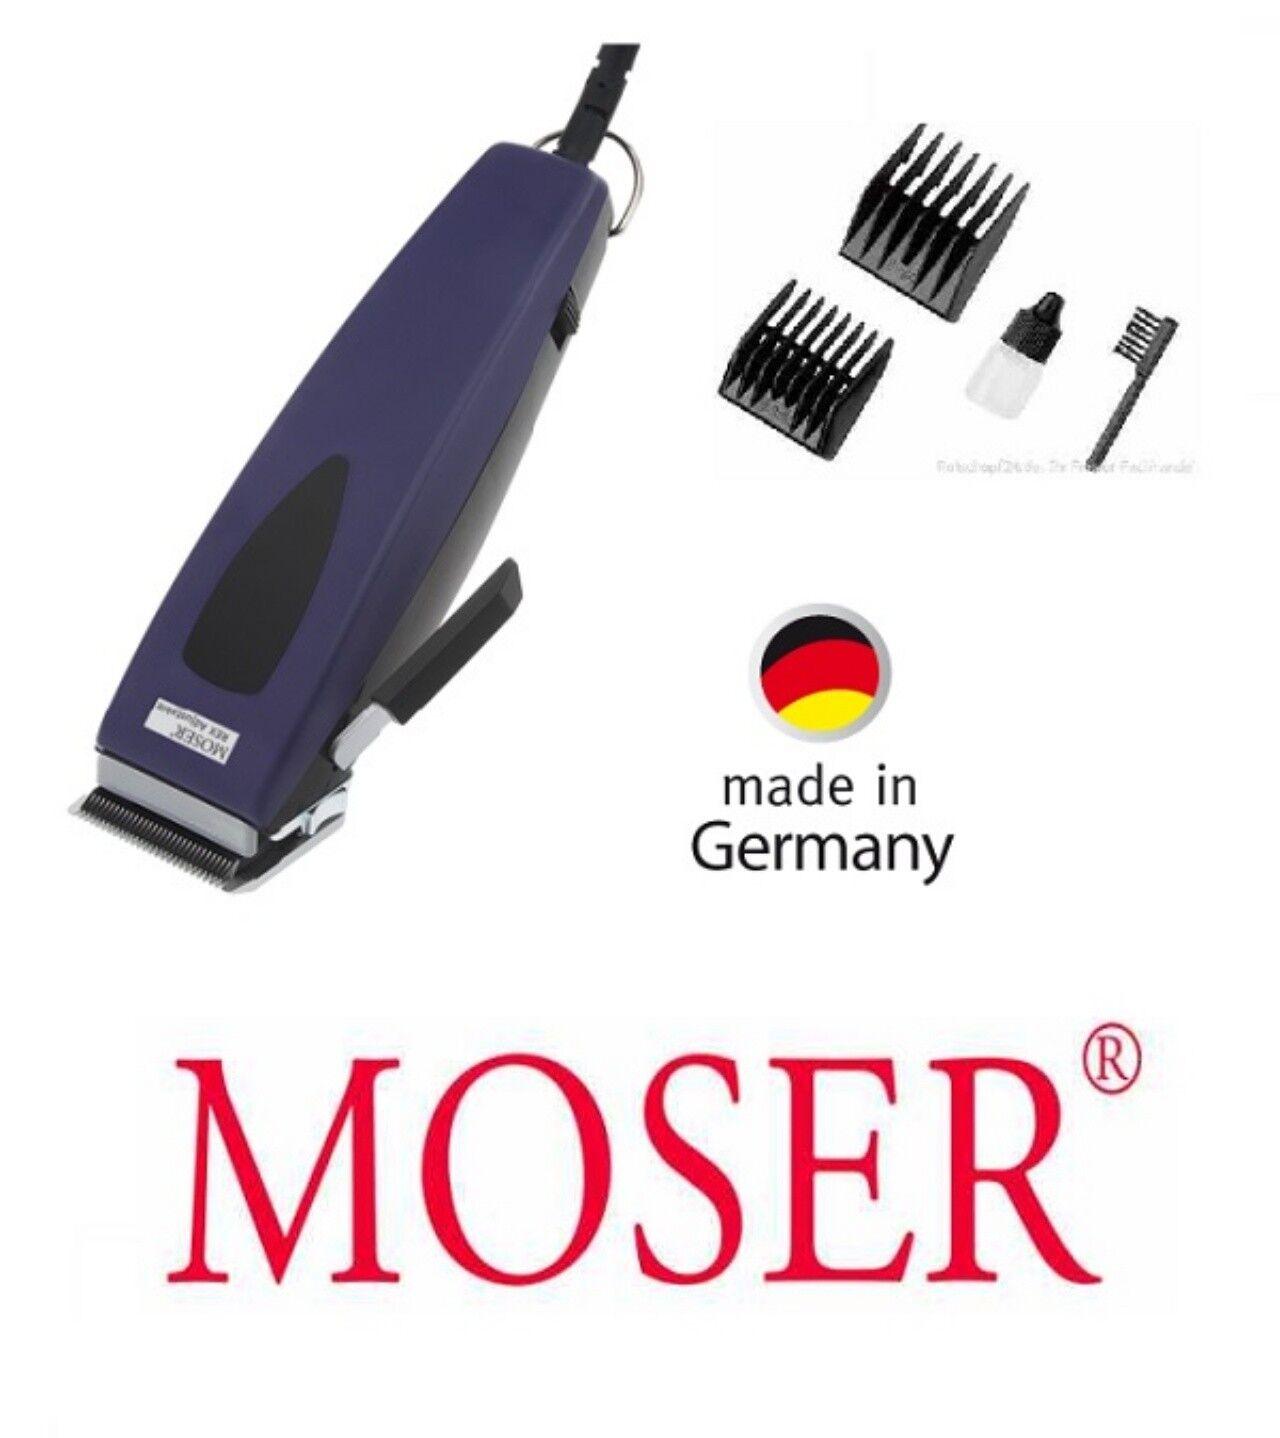 più sconto Moser CANI TOSATRICE 1233. REX Made Made Made in Germany  ANIMALI TOSATRICE   40053  grandi prezzi scontati